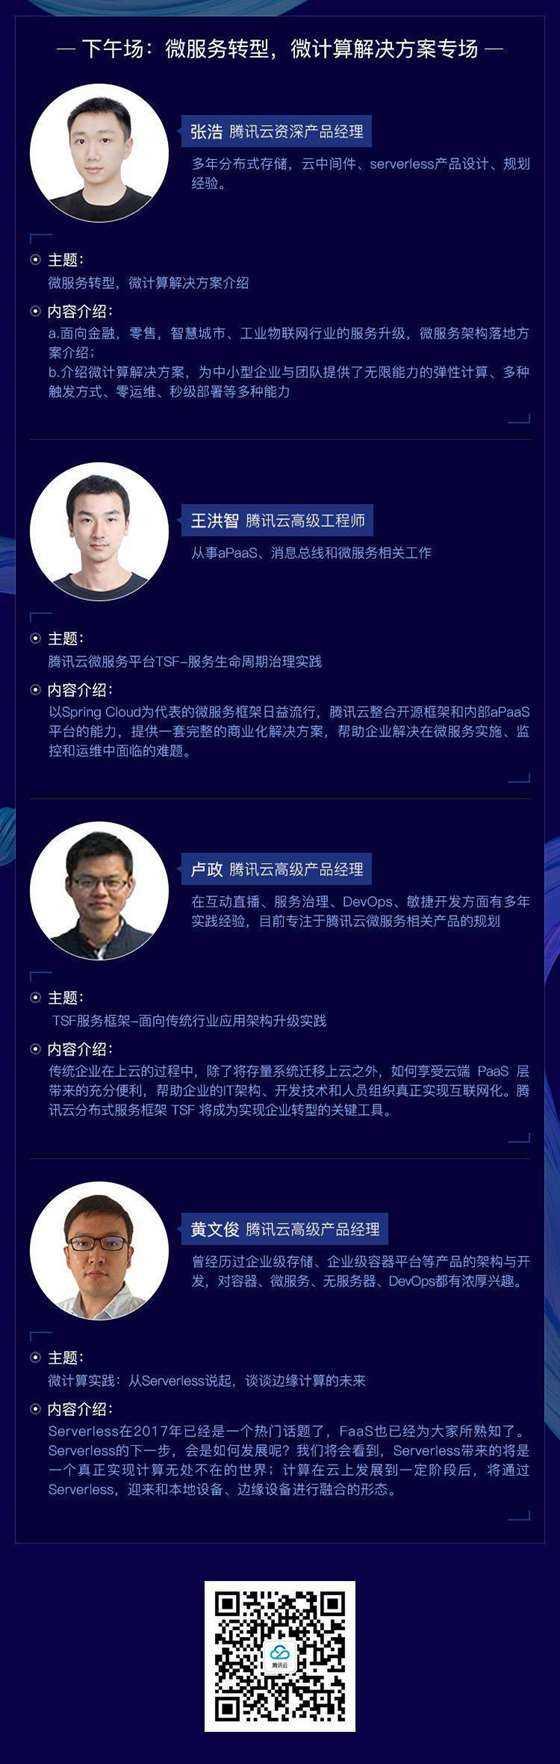 腾讯云微服务架构交流会页面_03.jpg